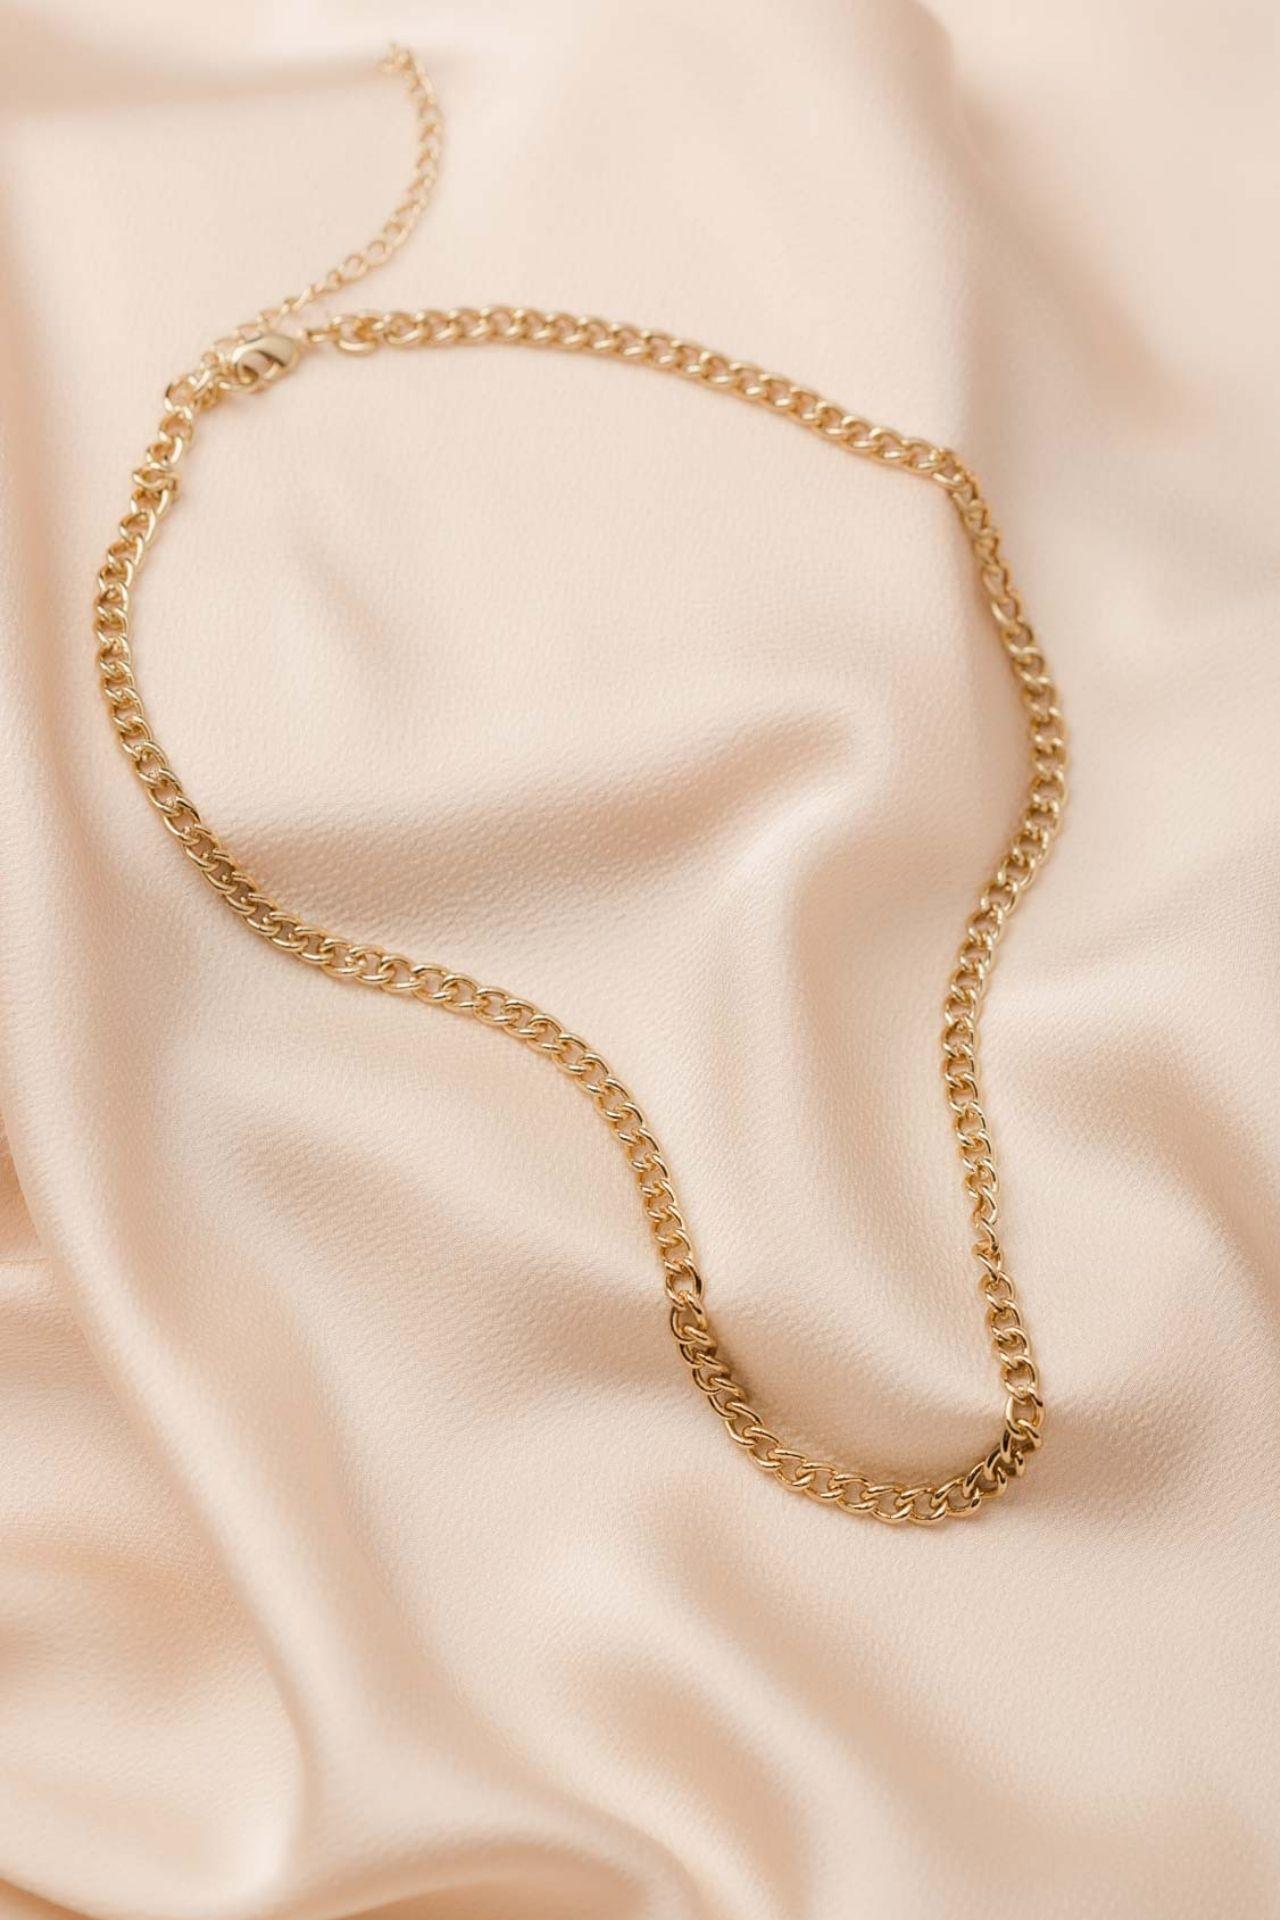 Medida: Largo 48 cm. de largo + 8 cm. extra regulable  Material: Metal bañado en oro de 18k.  Cuidados: Evitar la exposición al agua o humedad extrema.